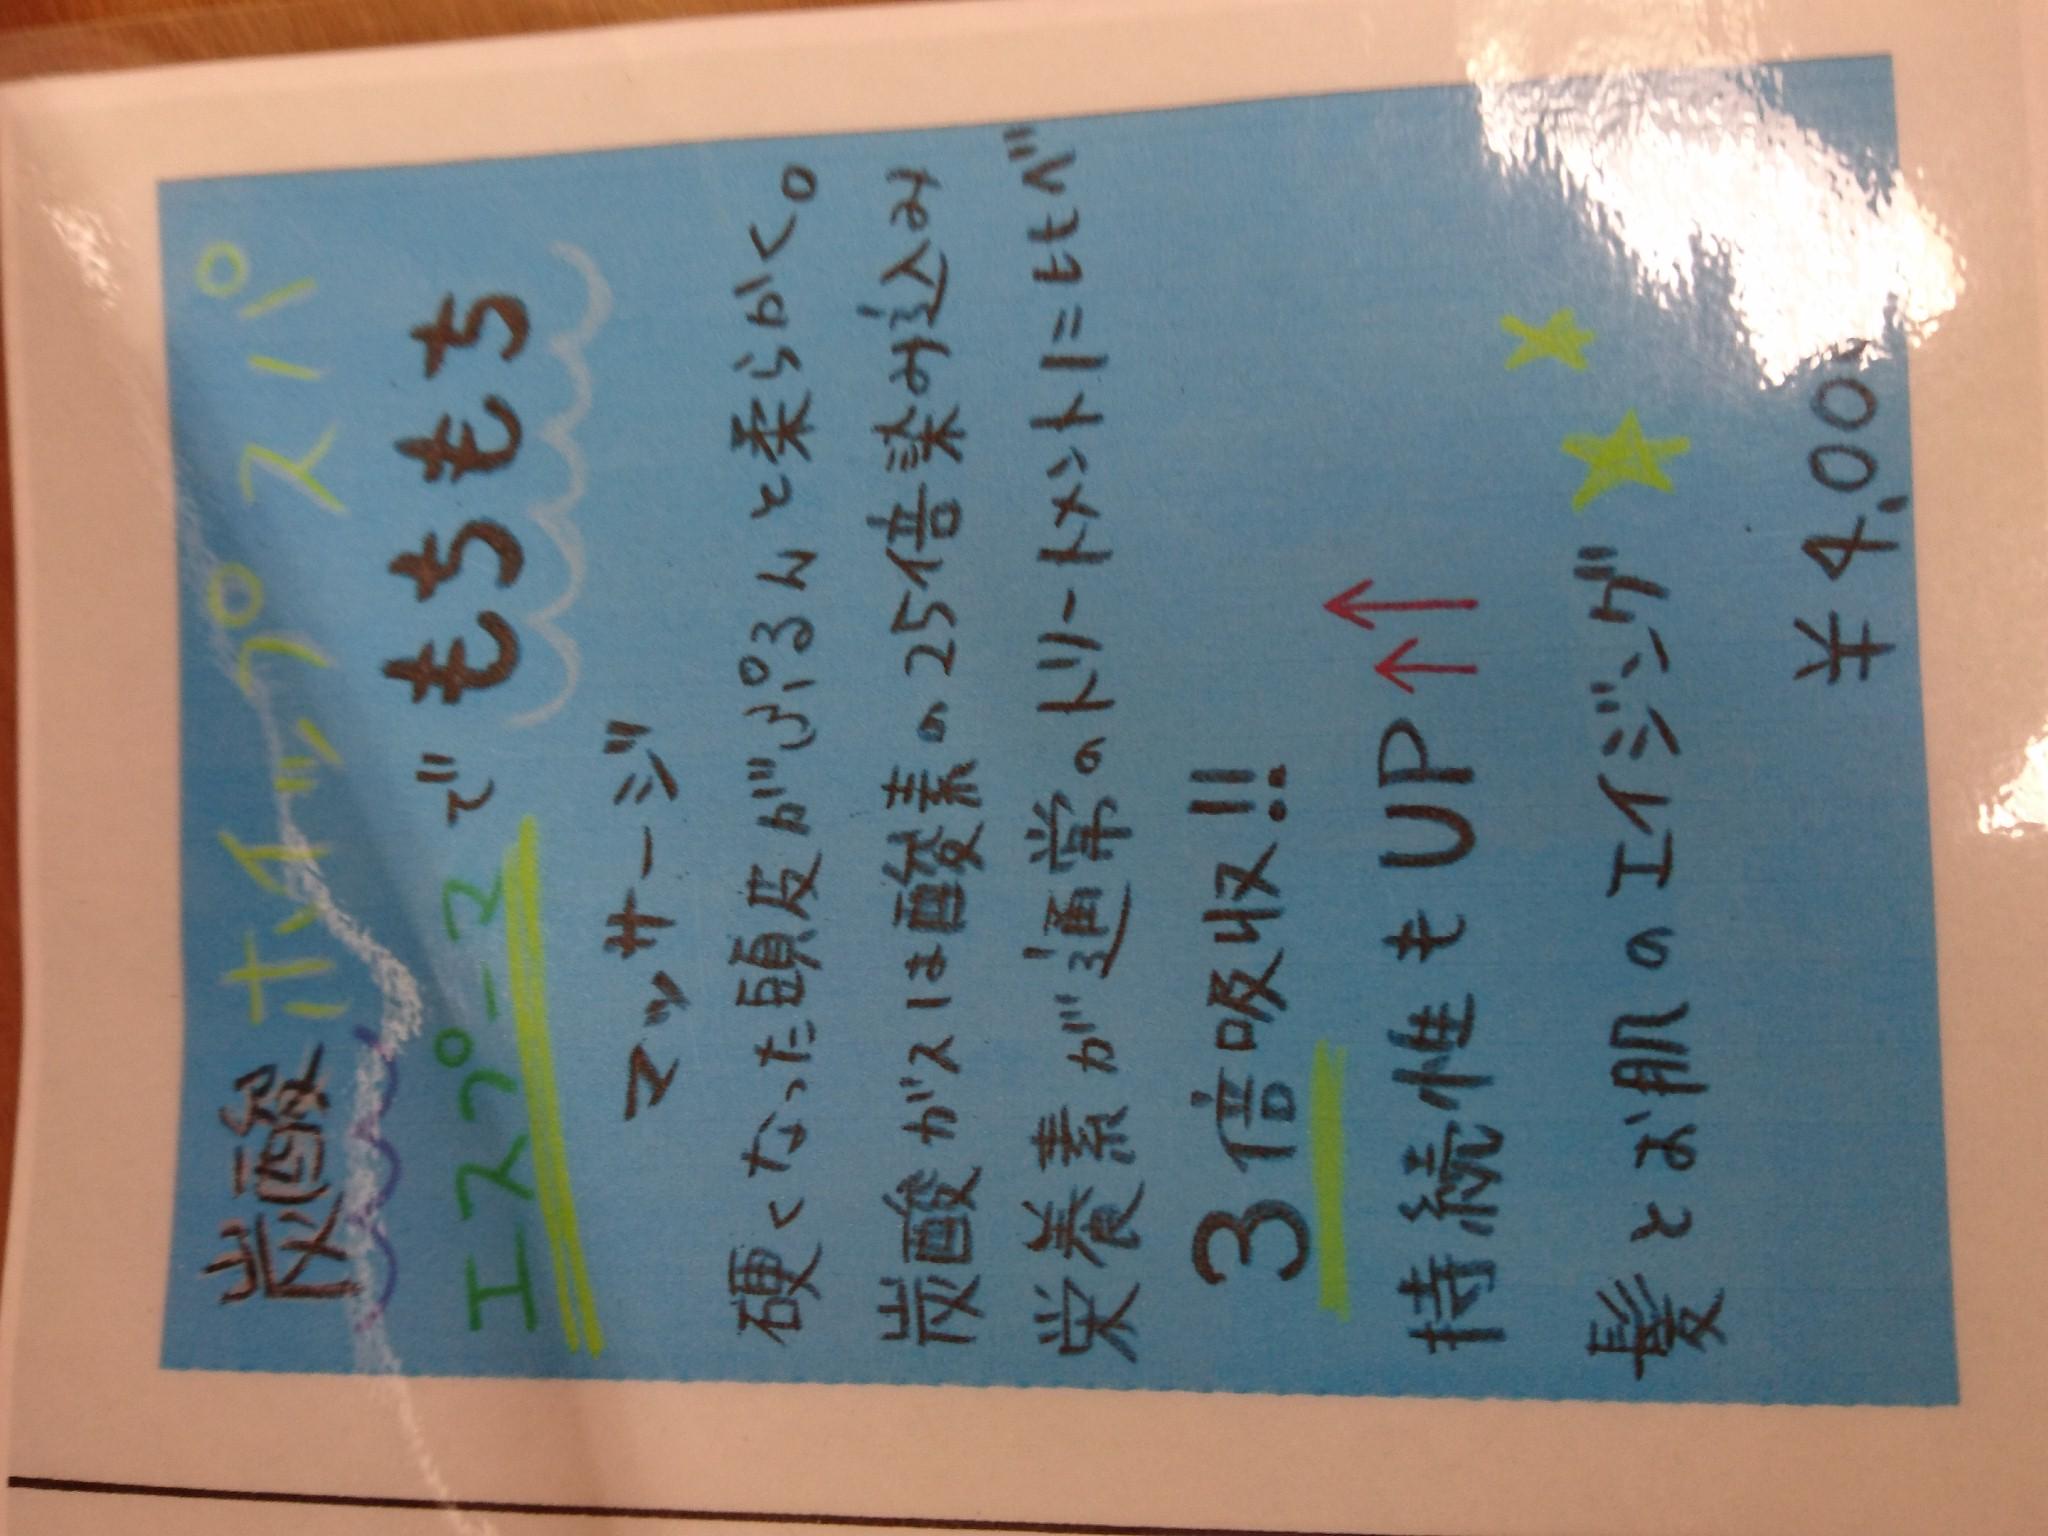 16-11-01-08-48-26-244_photo